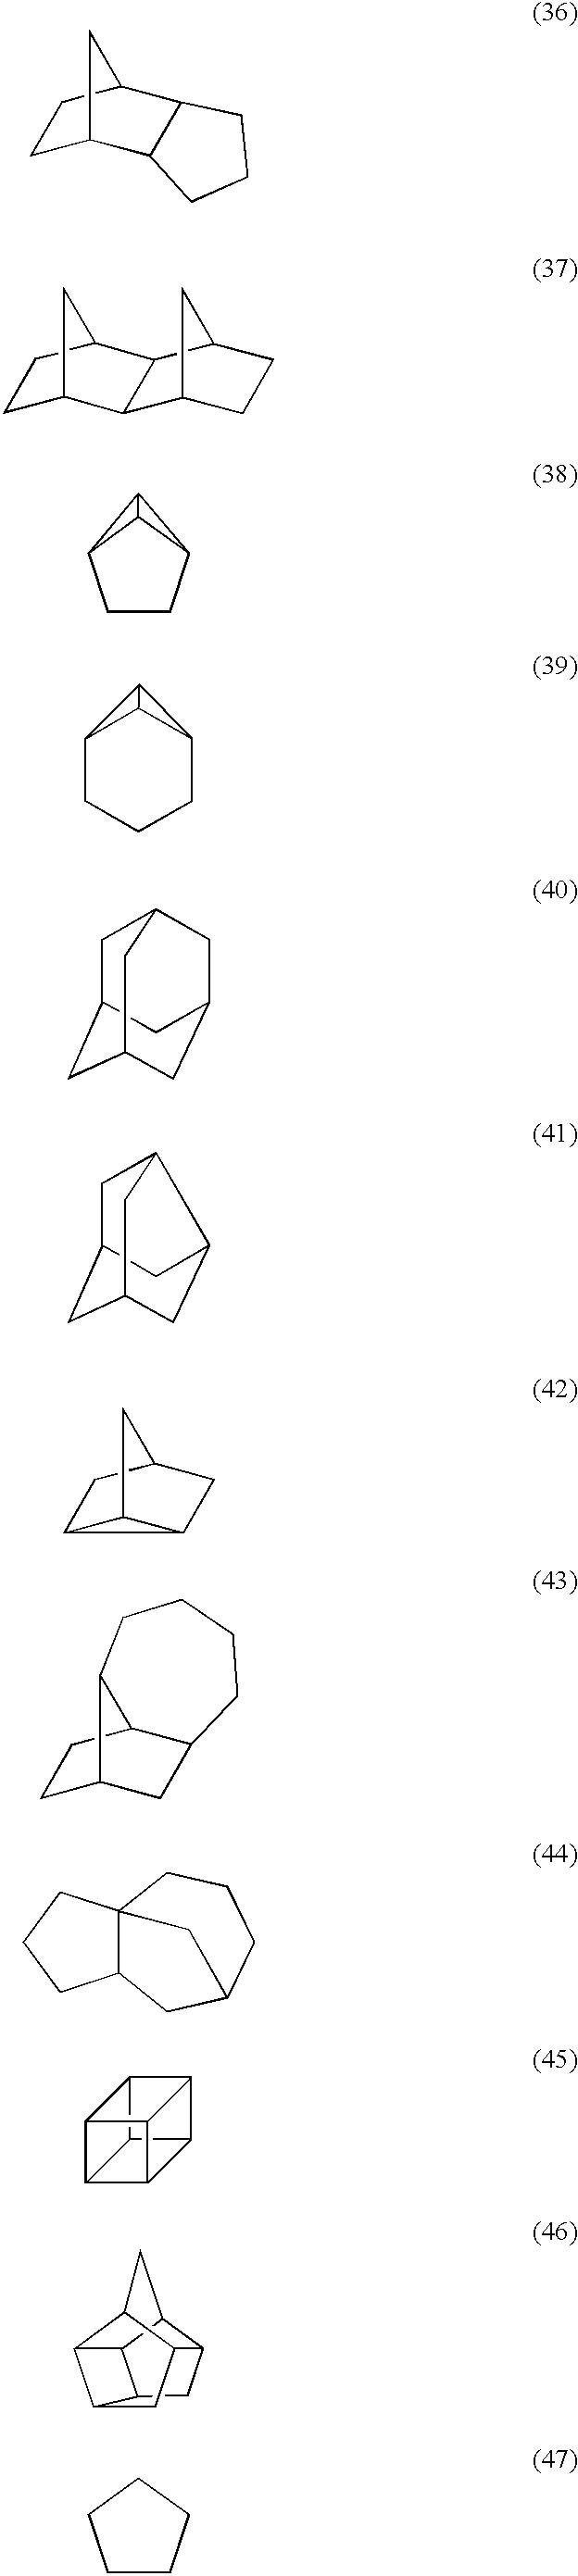 Figure US06492091-20021210-C00052